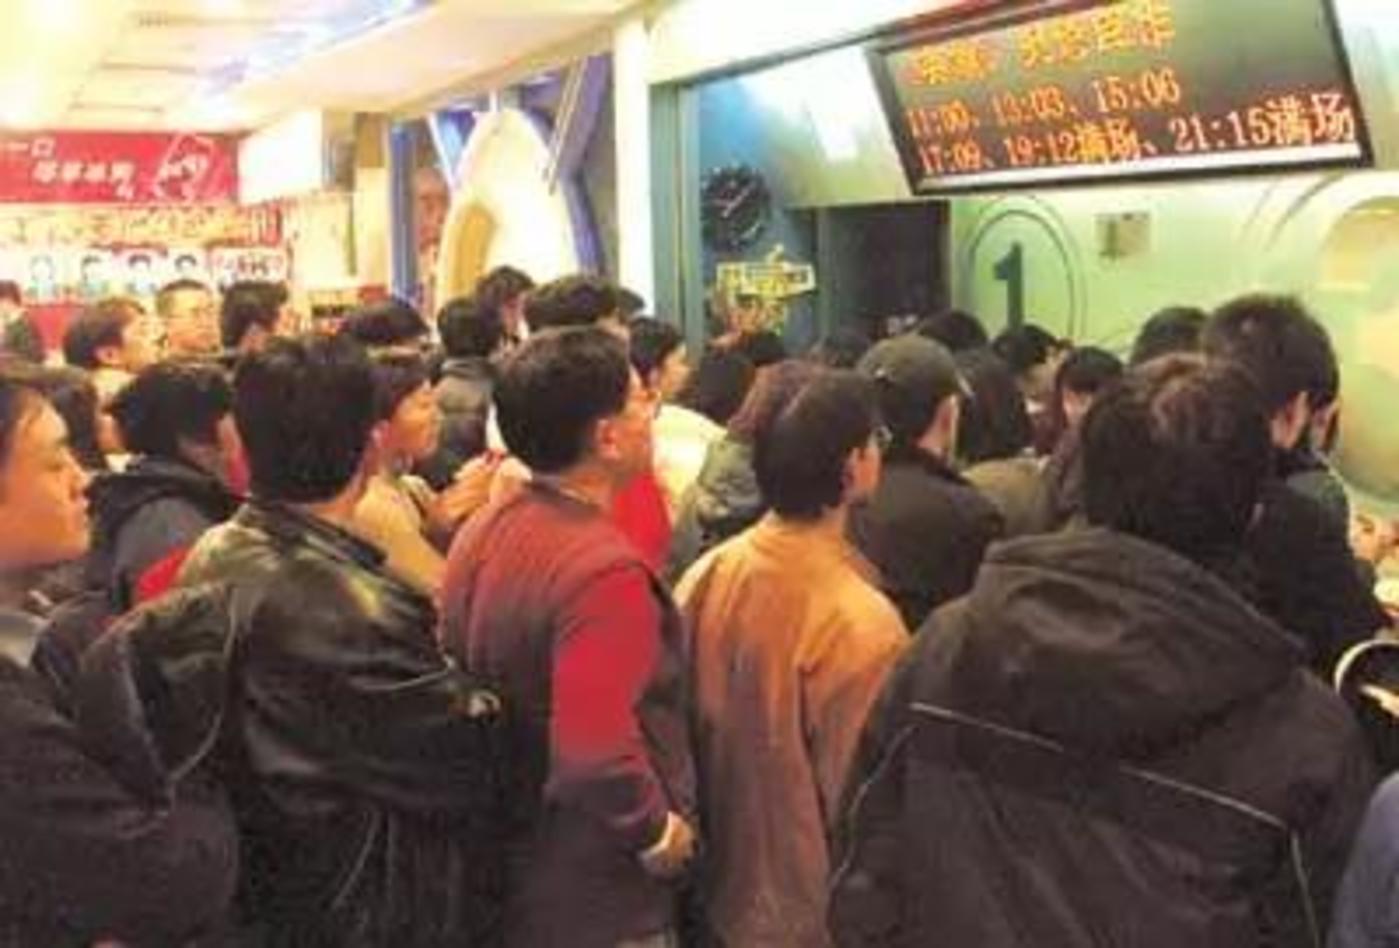 电影院里挤满了要看《英雄》的观众